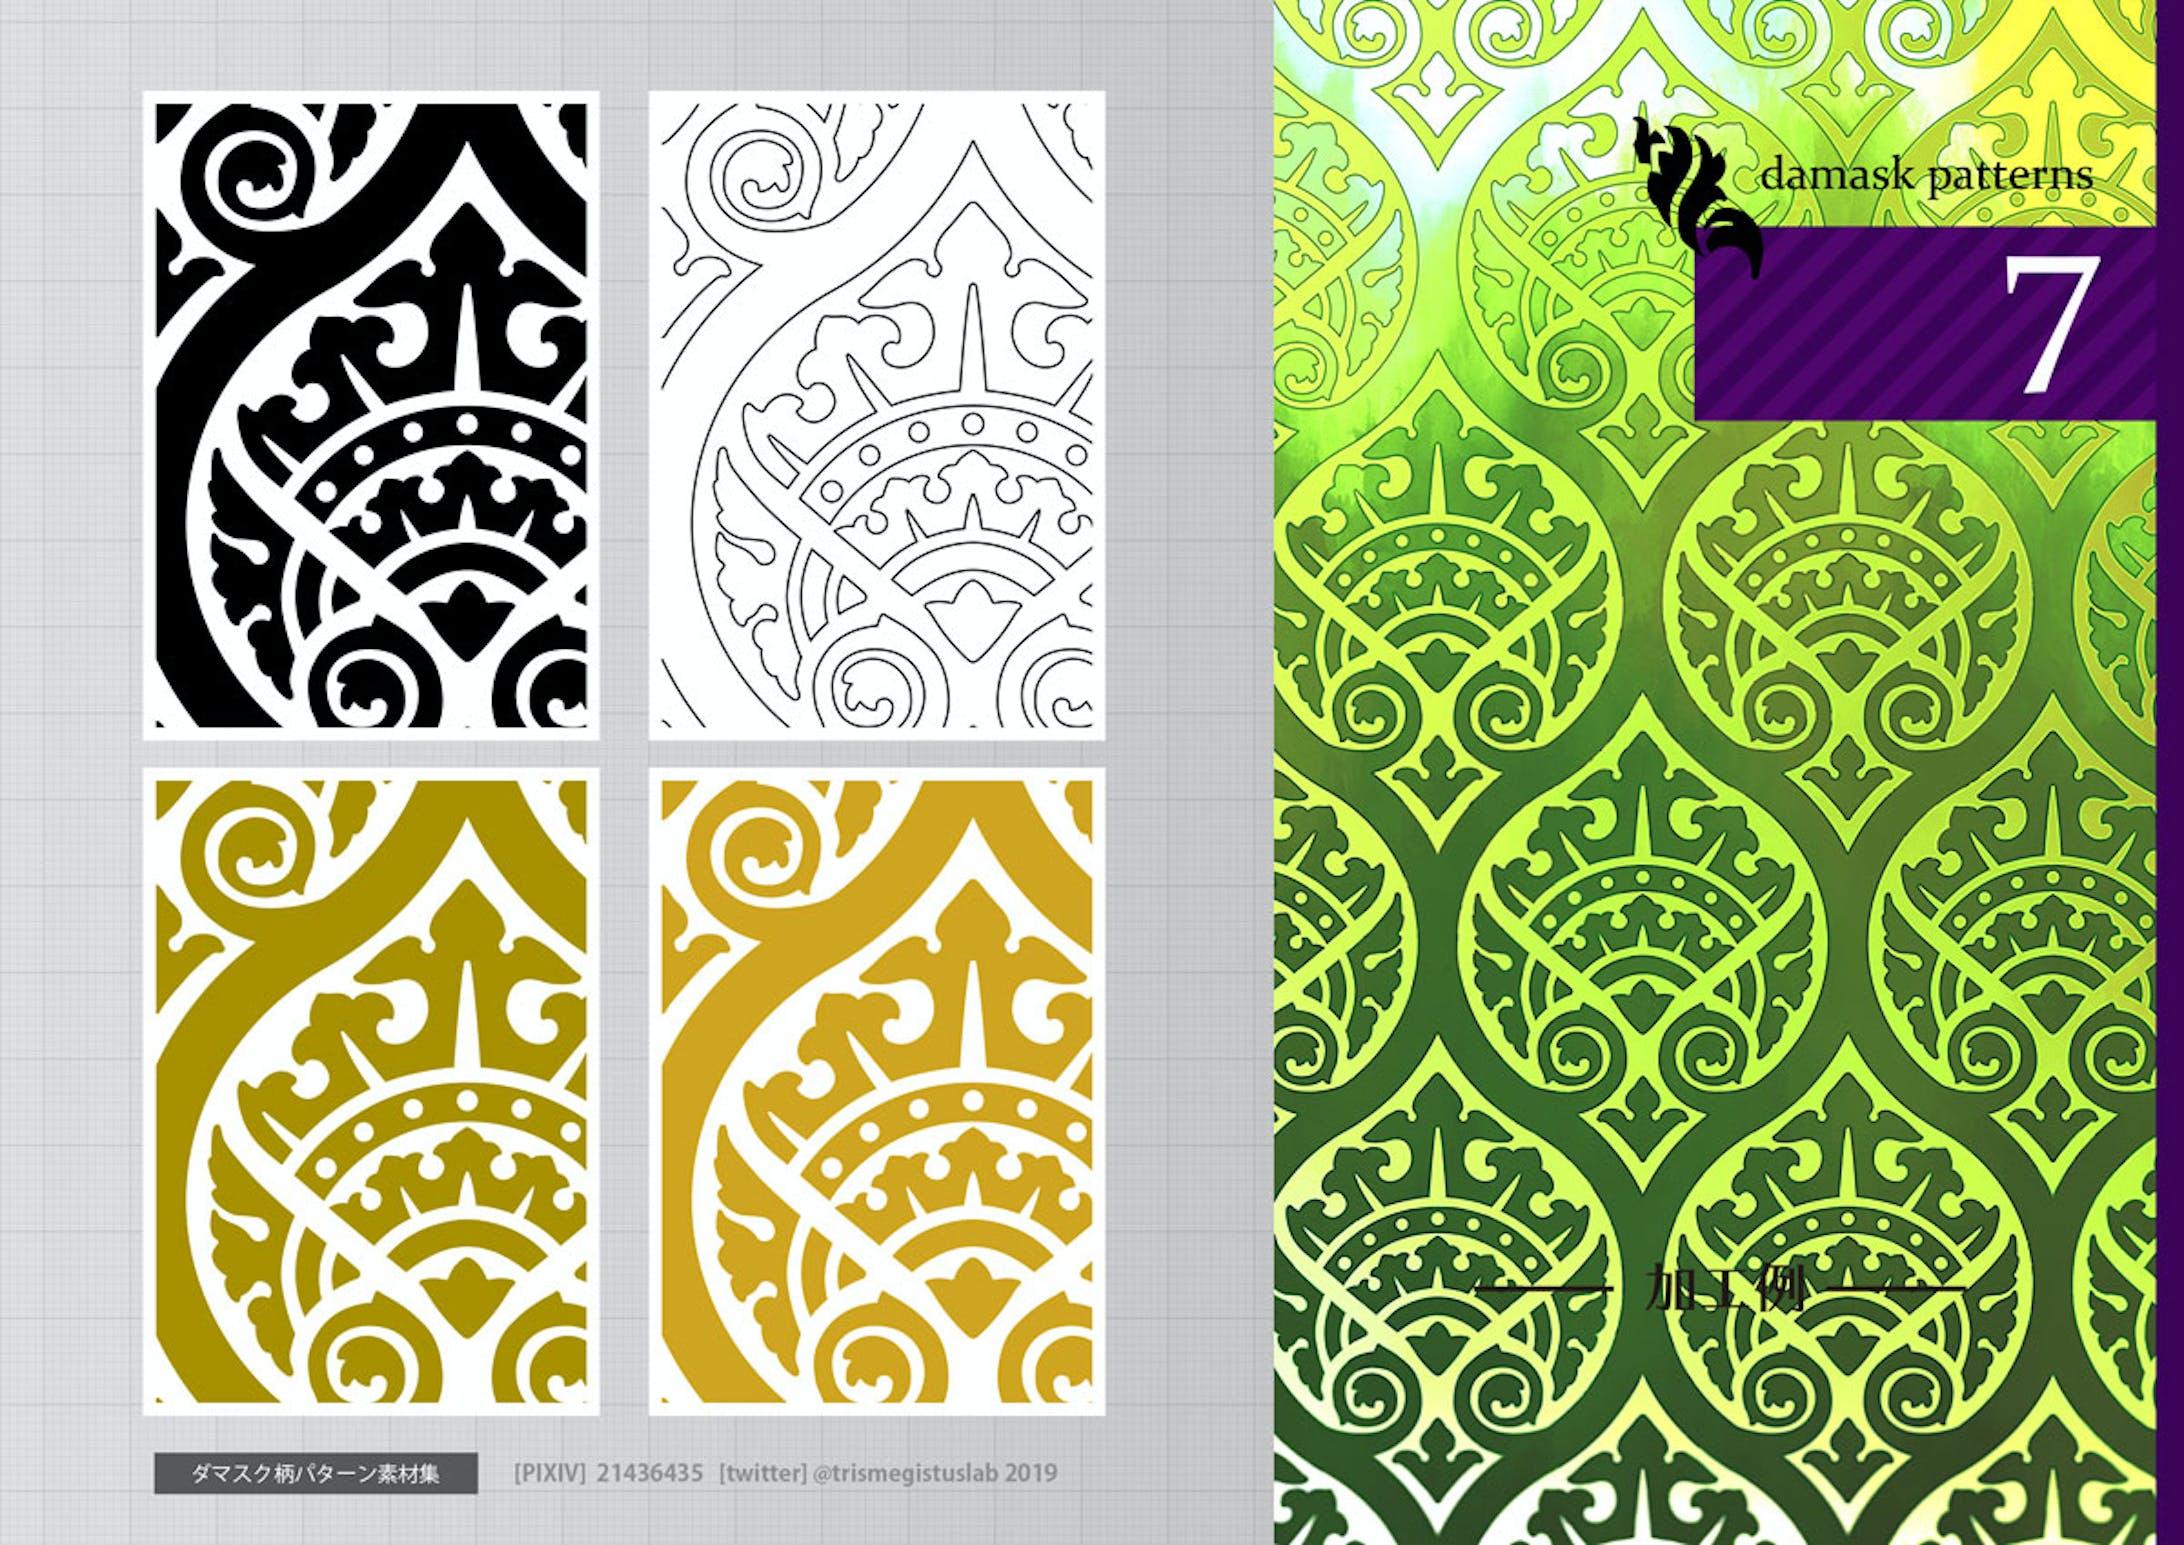 Illustratorでのシームレスパターン作成-8